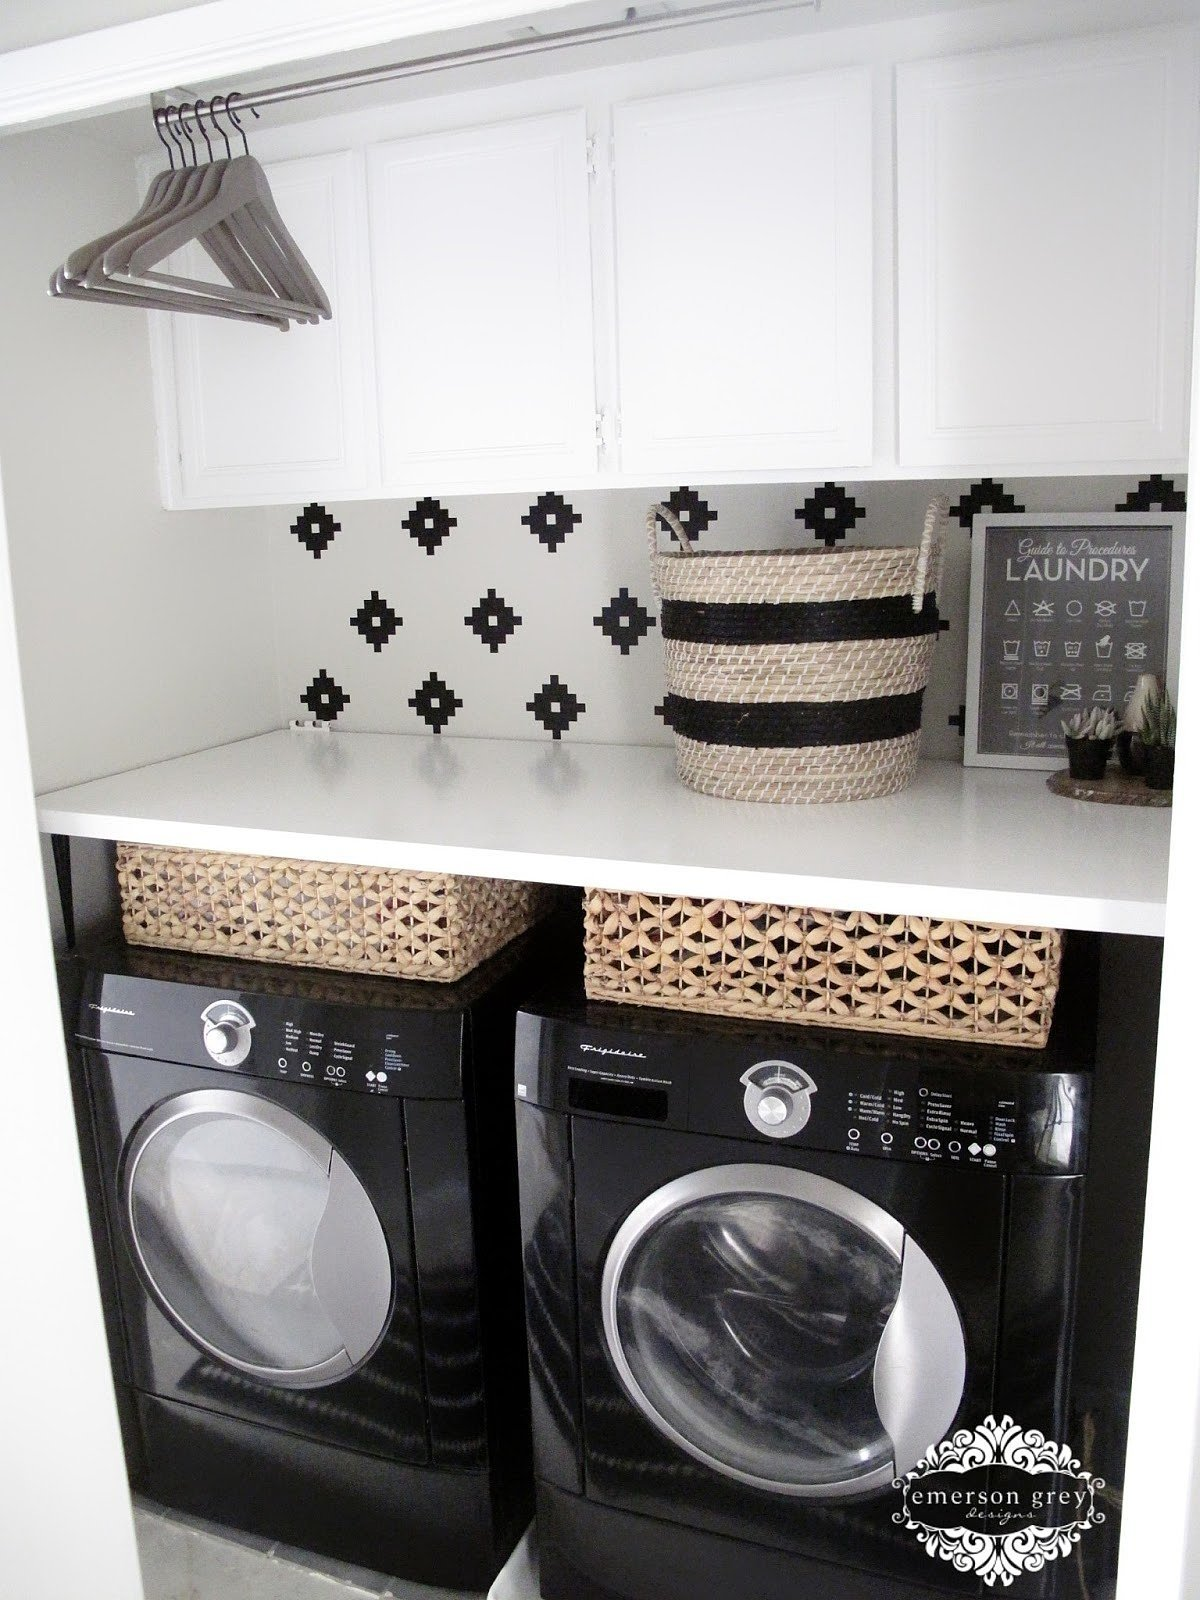 Laundry Room Makeover Ideas | POPSUGAR Home